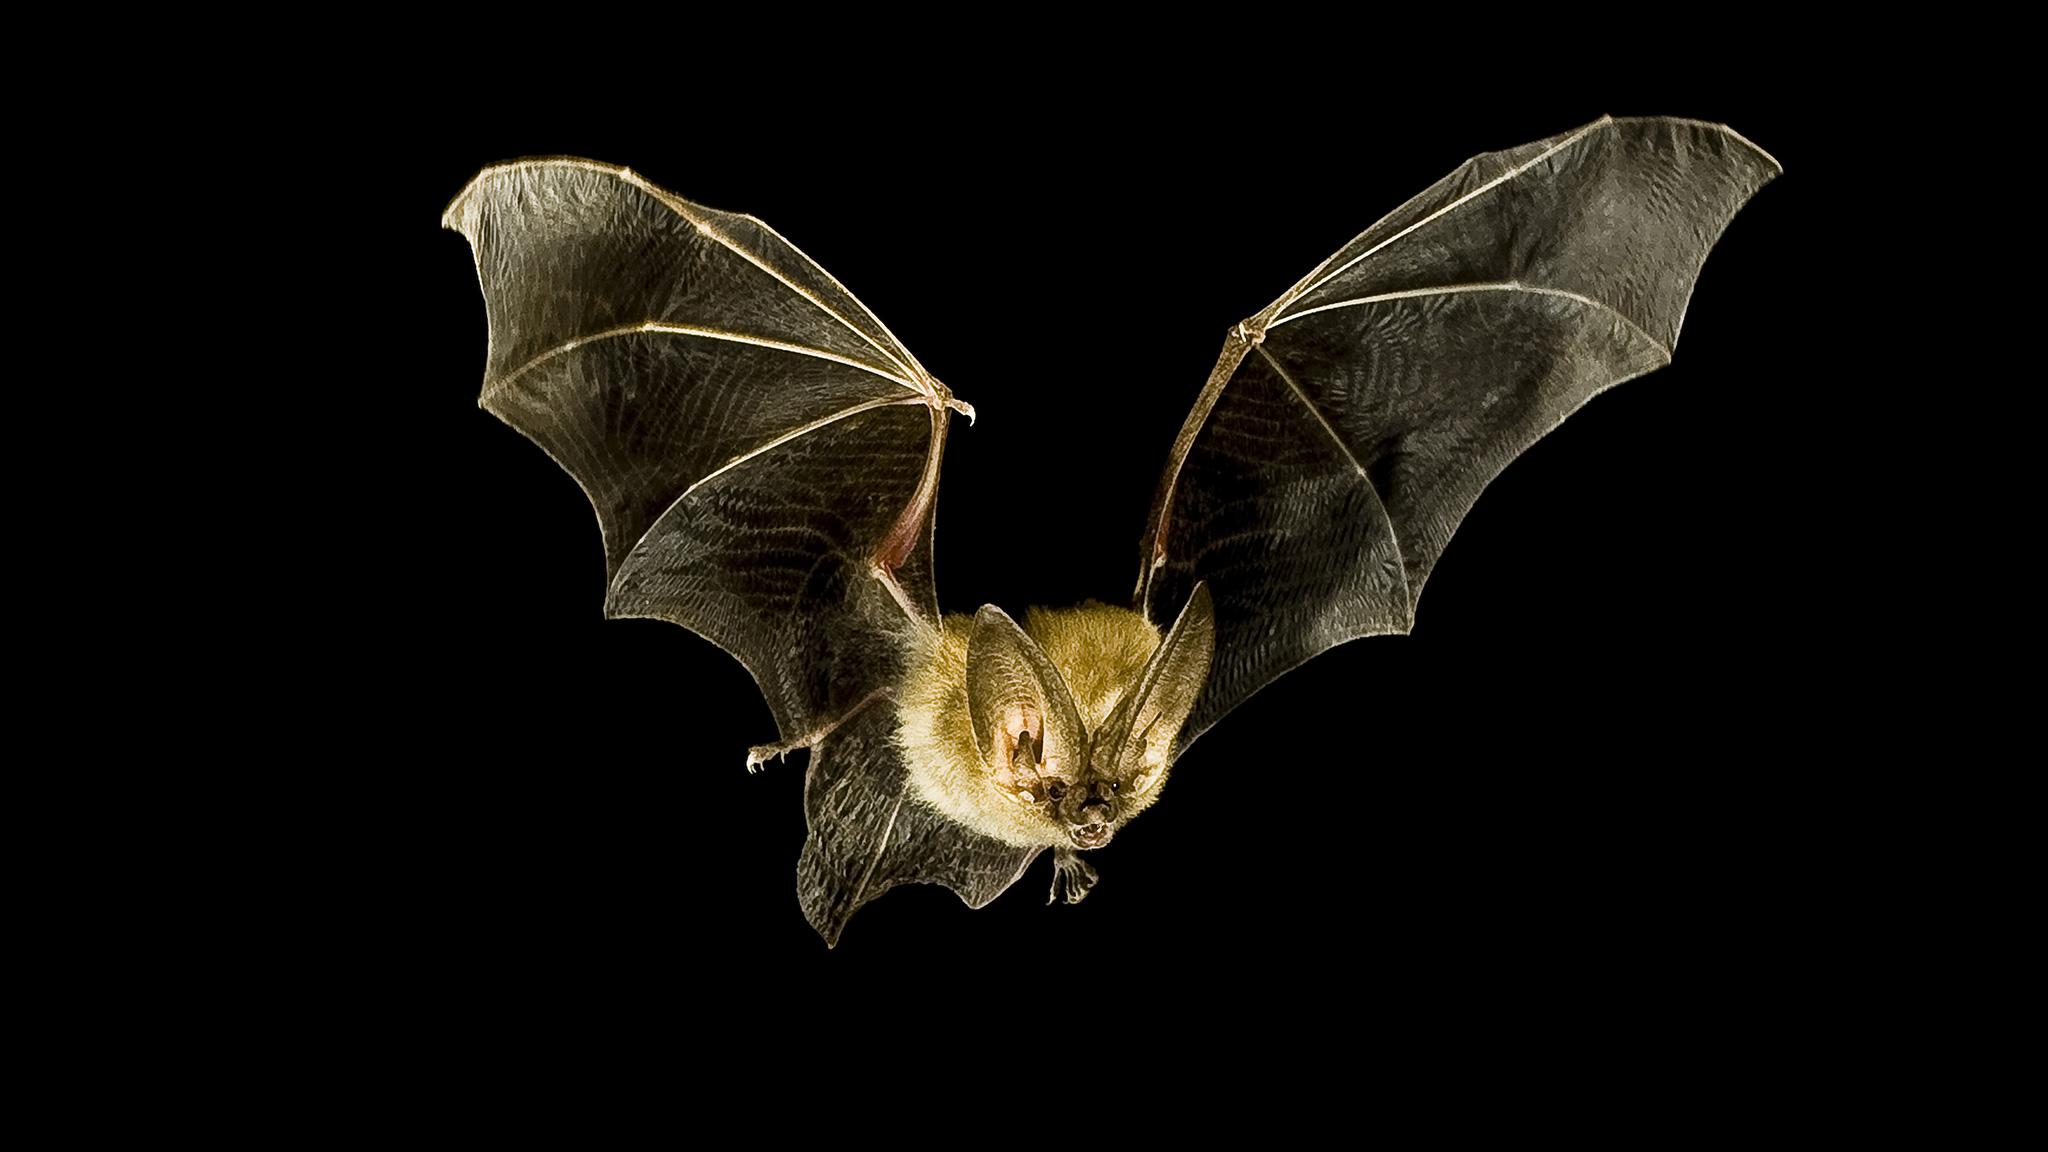 Vampire Bat Wallpaper  WallpaperSafari